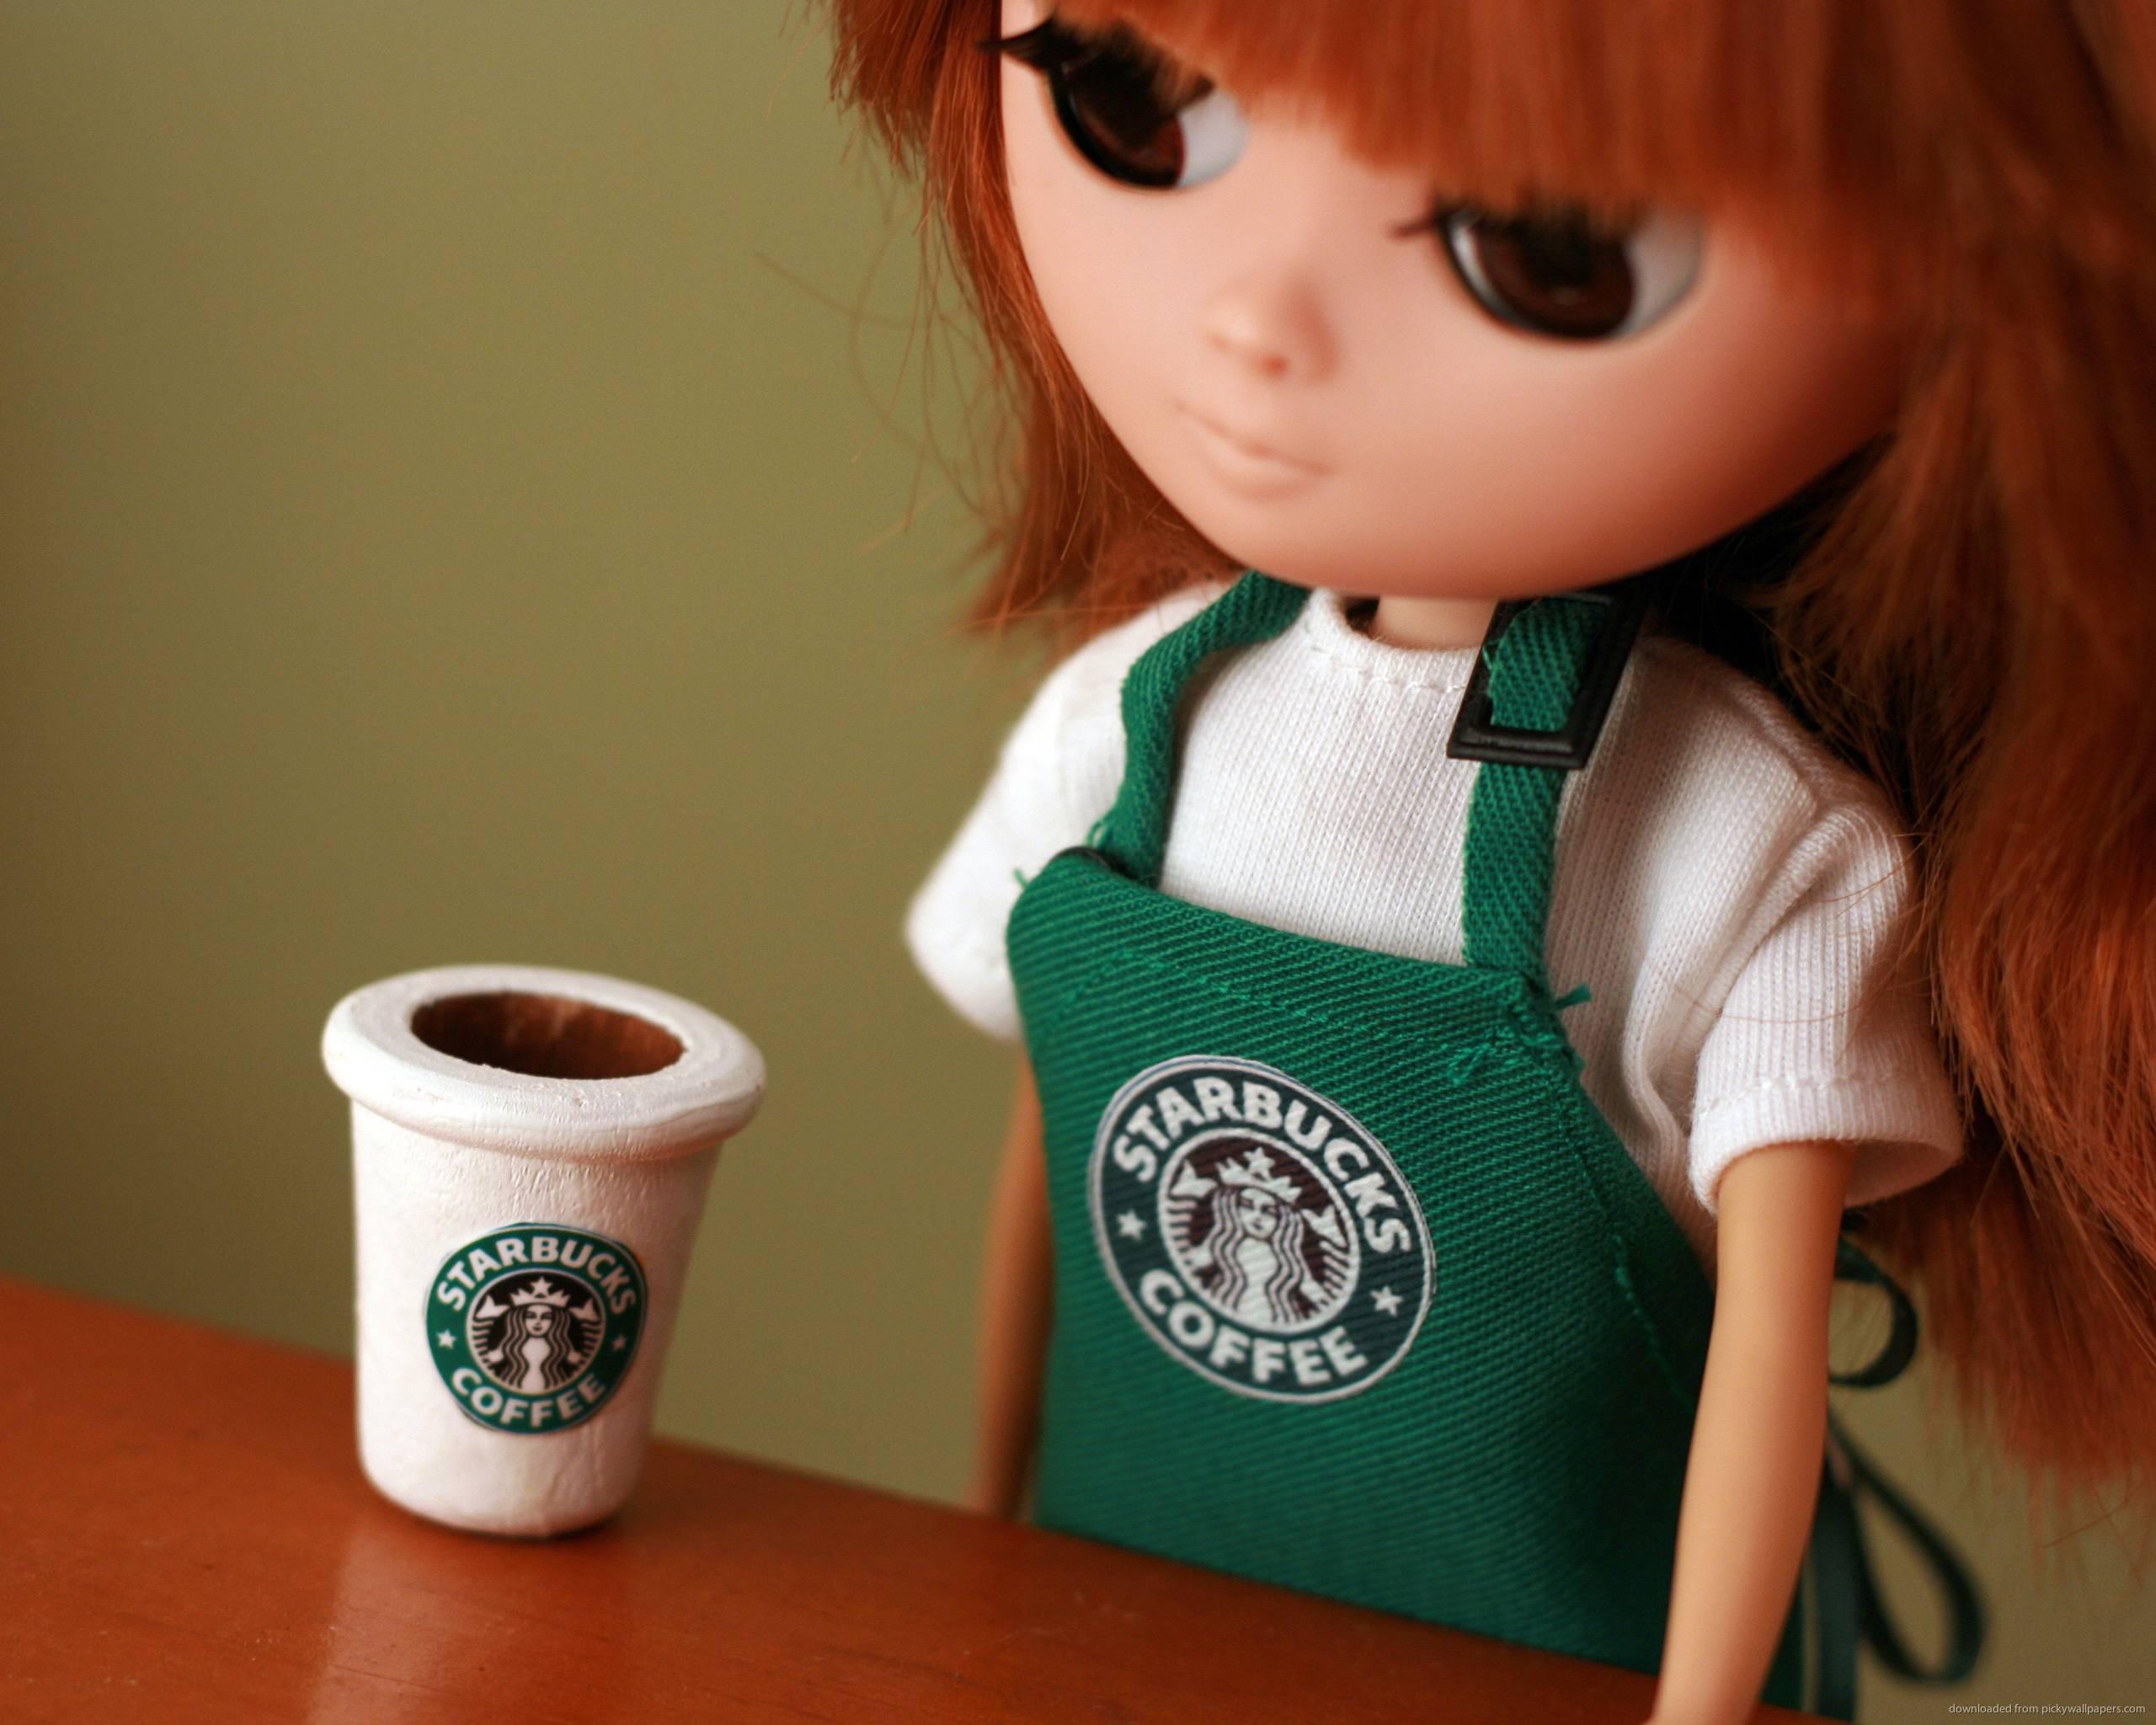 Download 2560x2048 Starbucks Doll Wallpaper